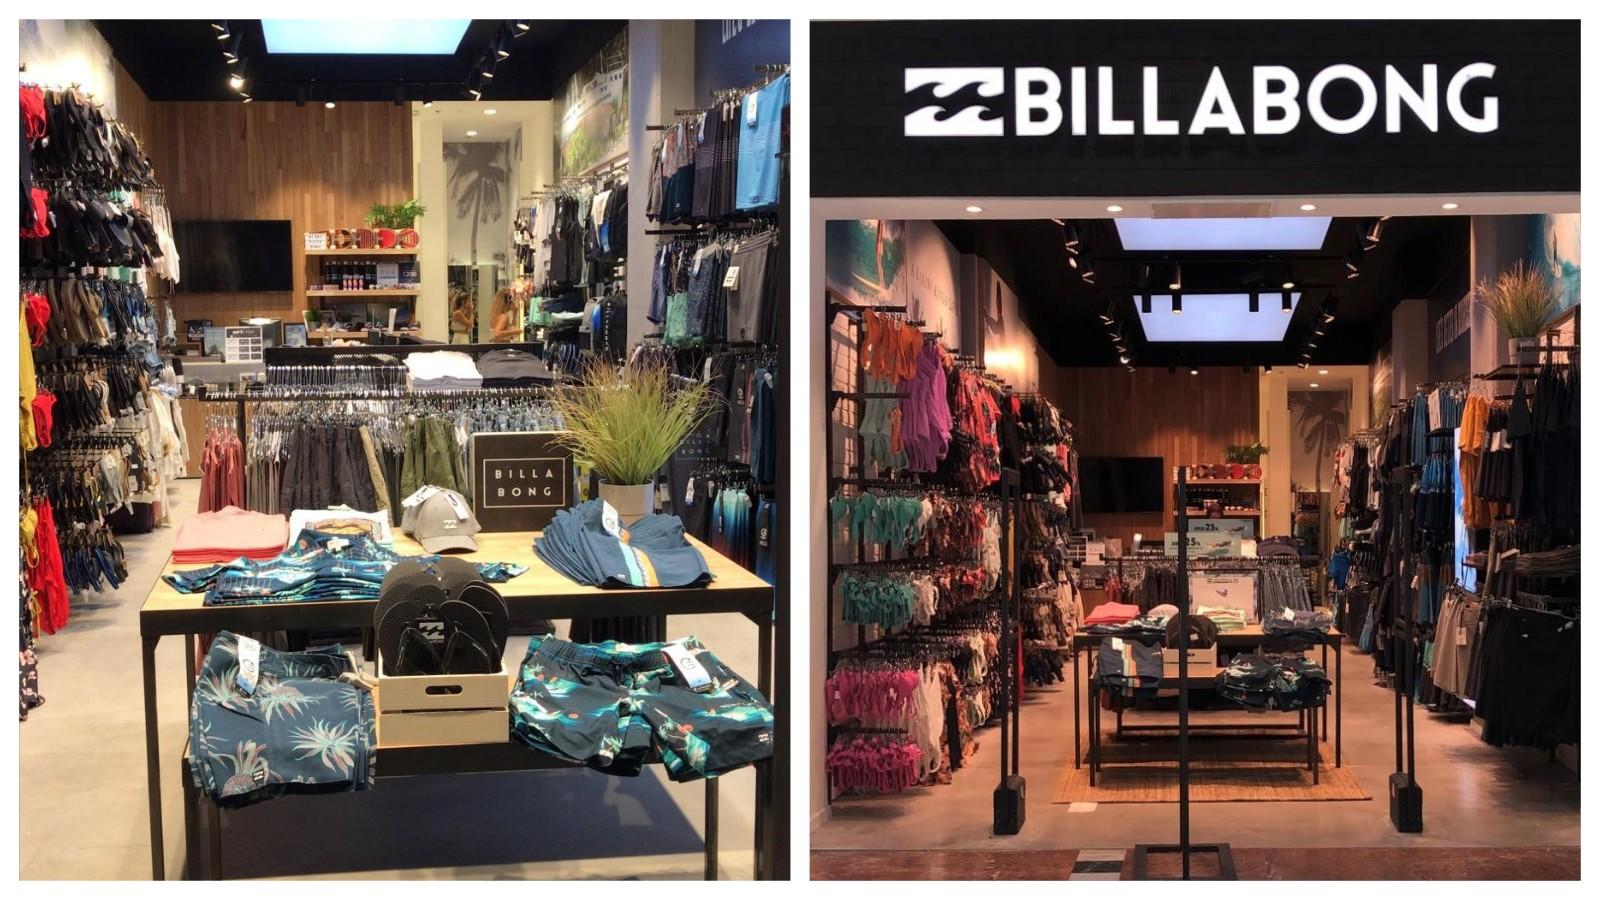 החנות החדשה של BILLABONG ברננים. קרדיט: ליאור ישראלי